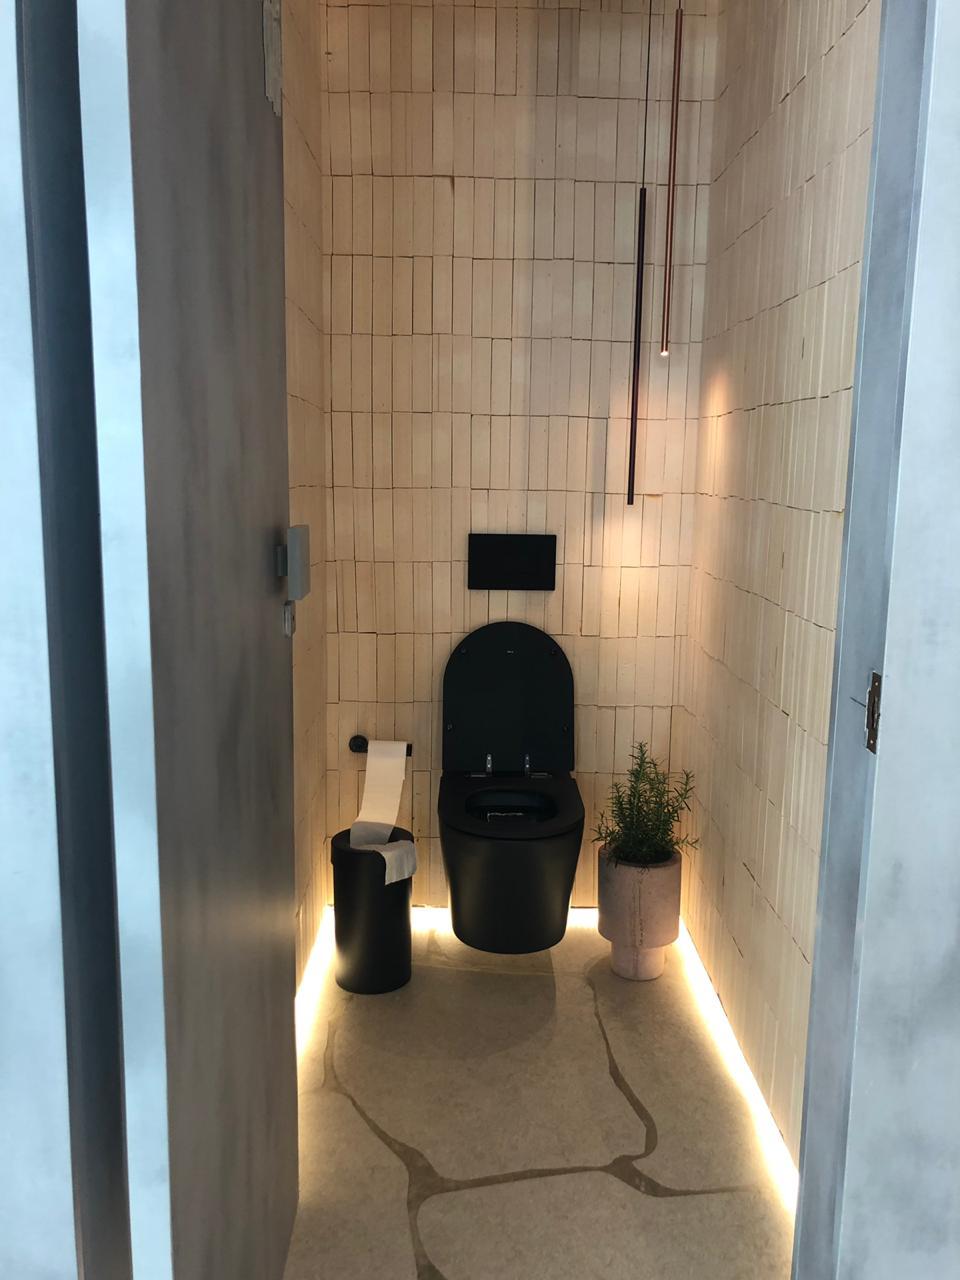 banheiro-com-porcelato-cortado-em-forma-de-pedra